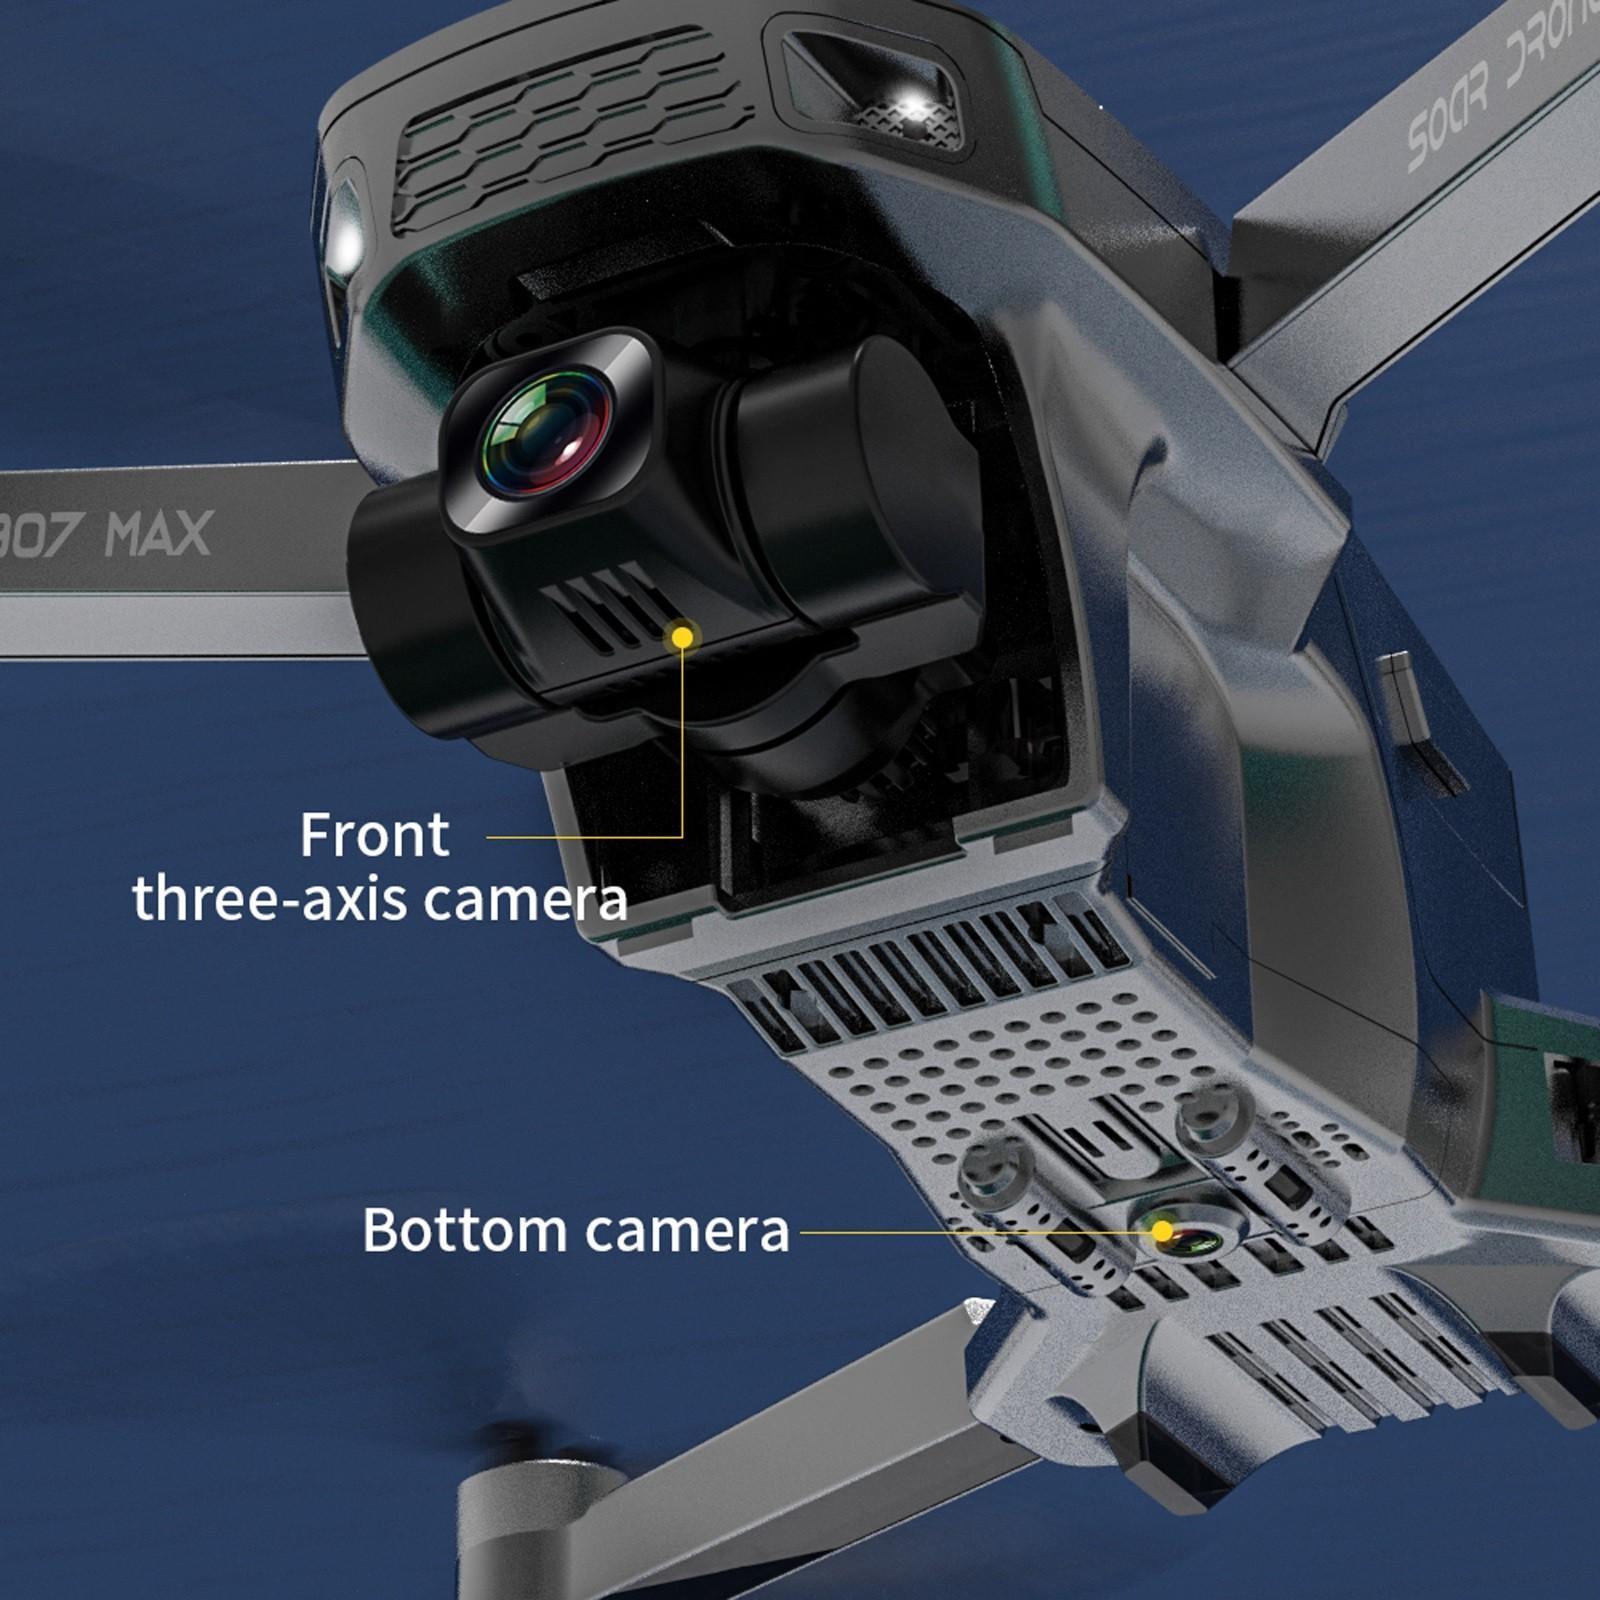 2021 جديد SG907 ماكس GPS بدون طيار 3-Axis Gimbal 5G WiFi FPV RC كوادكوبتر مع 4K HD كاميرا فرش الهوائي التصوير الجوي للطي درن